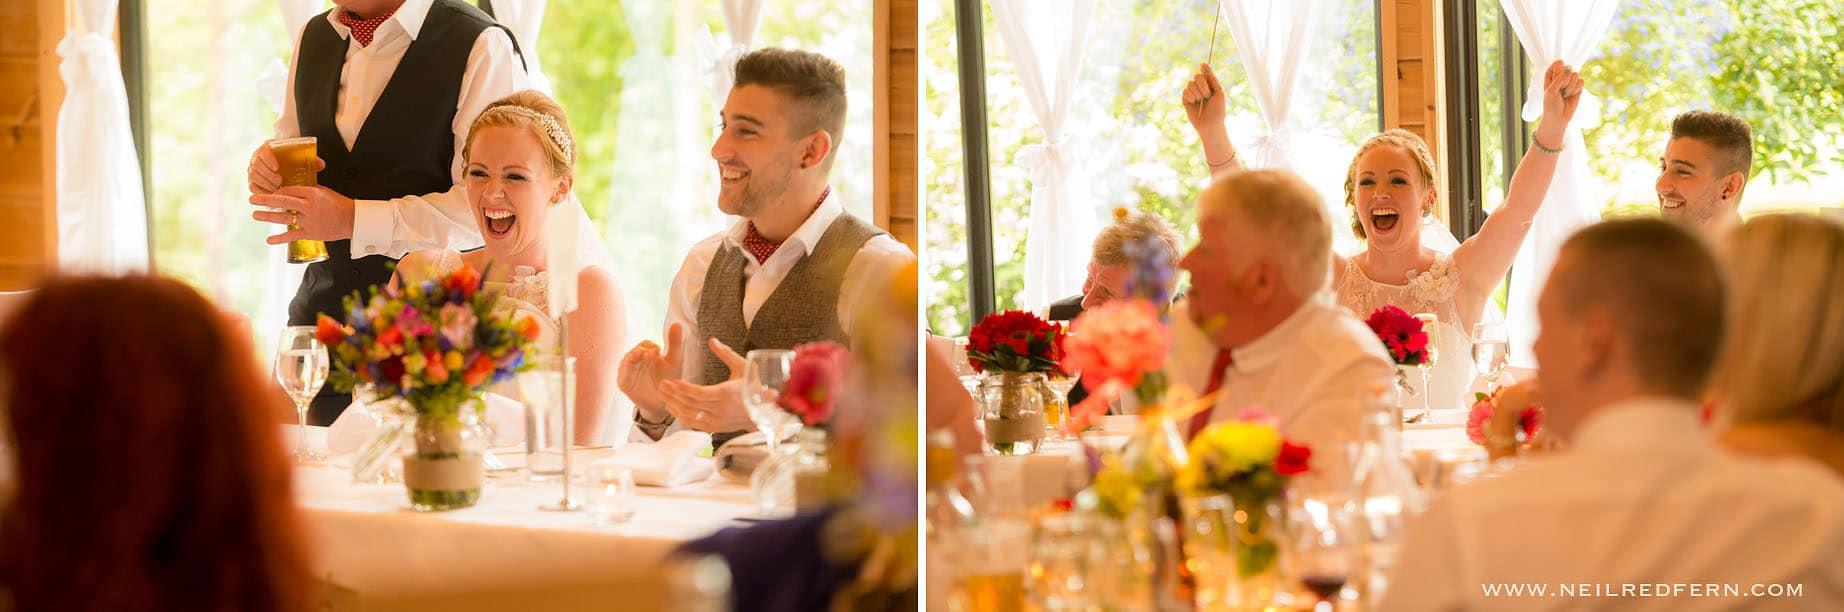 Styal Lodge wedding photographer 36